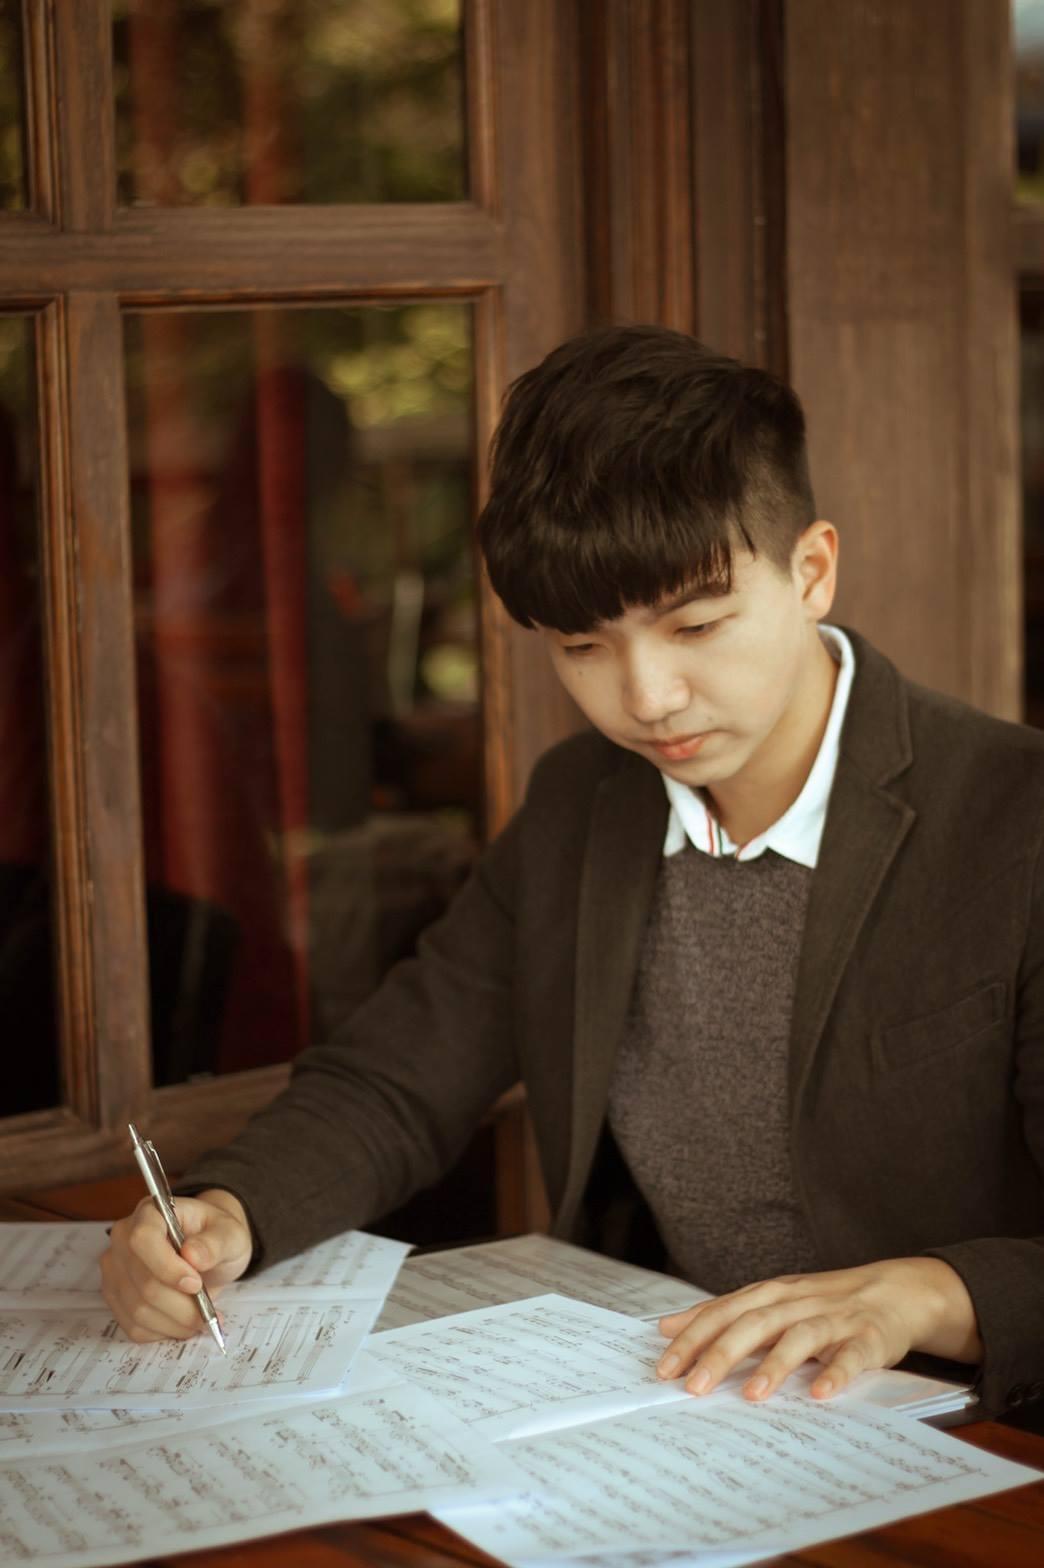 感念24小時救援貓狗照生會  年輕新世代作曲家梁鍾暐,作品相贈成美談